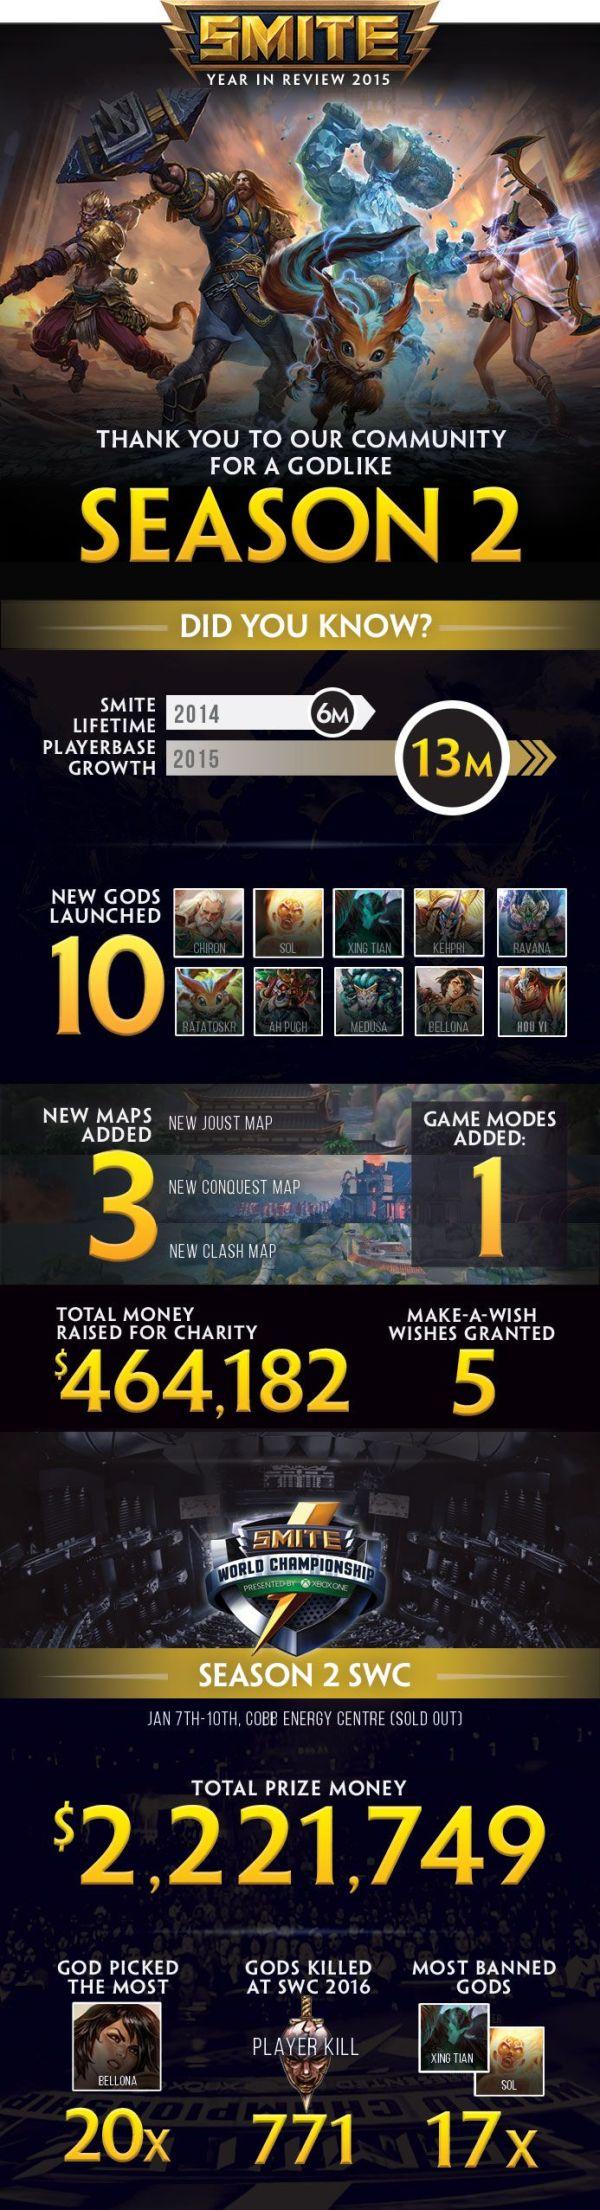 infographic season 2